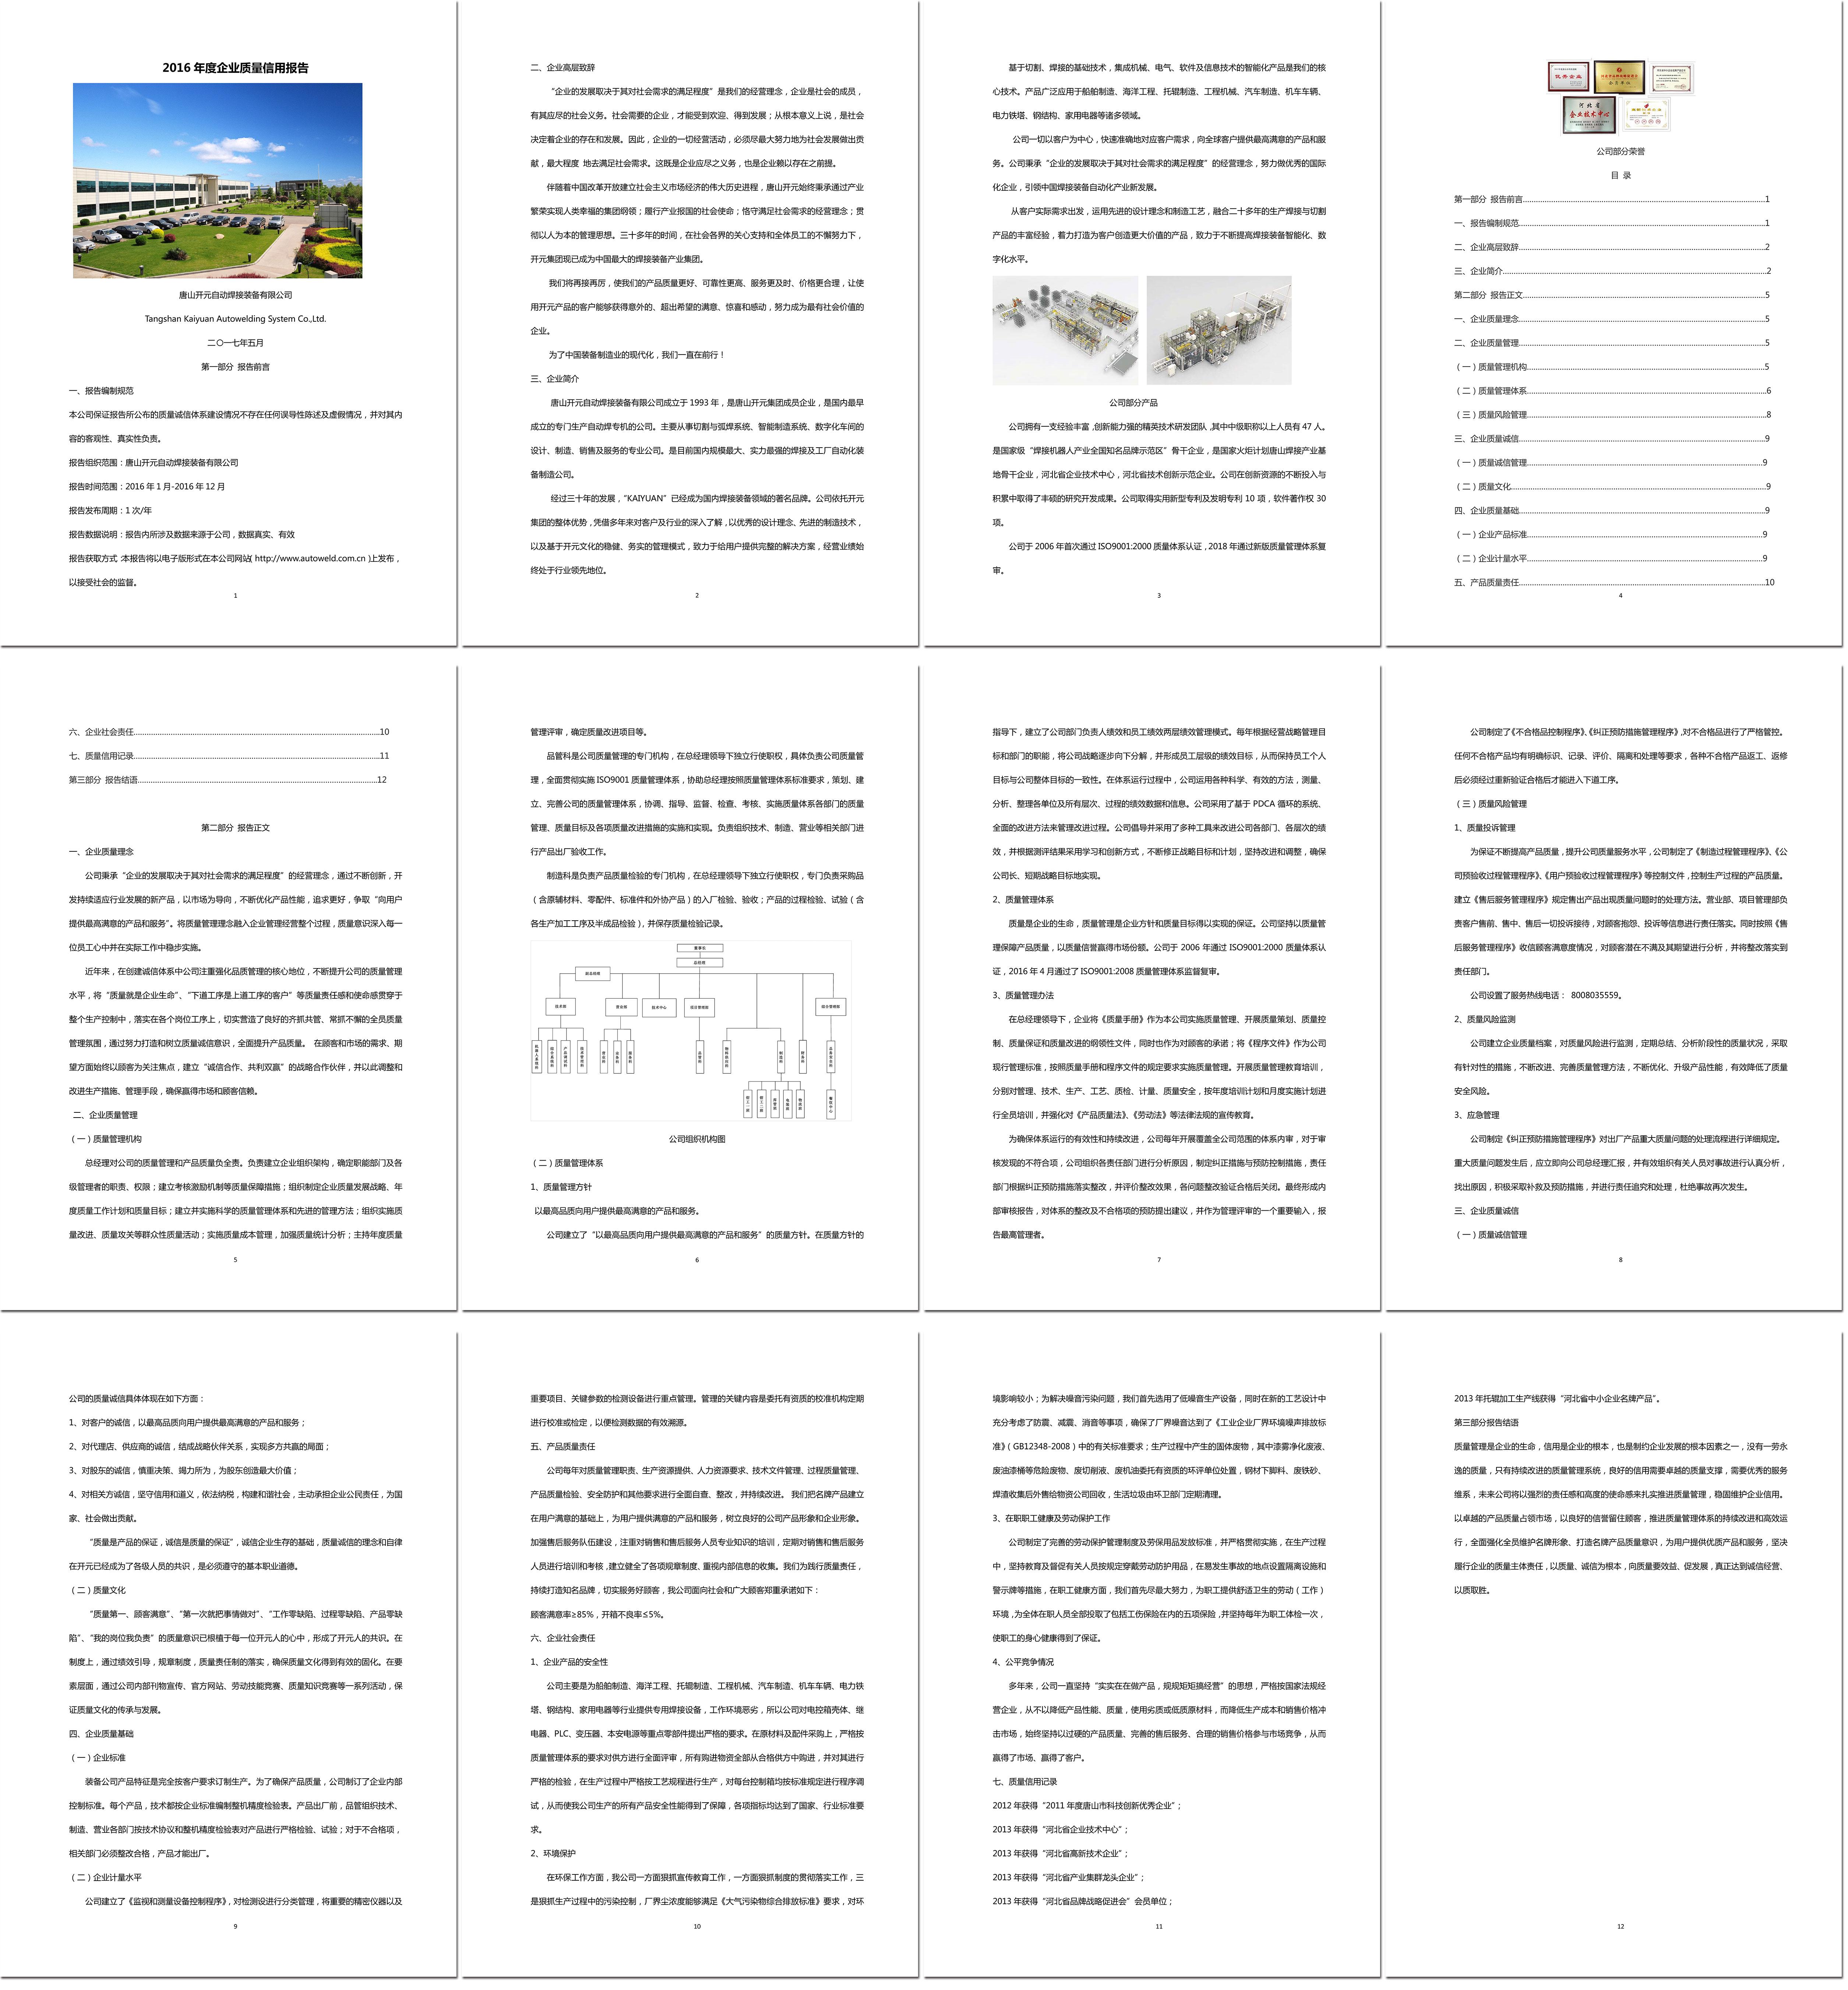 2016年度企业质量信用报告